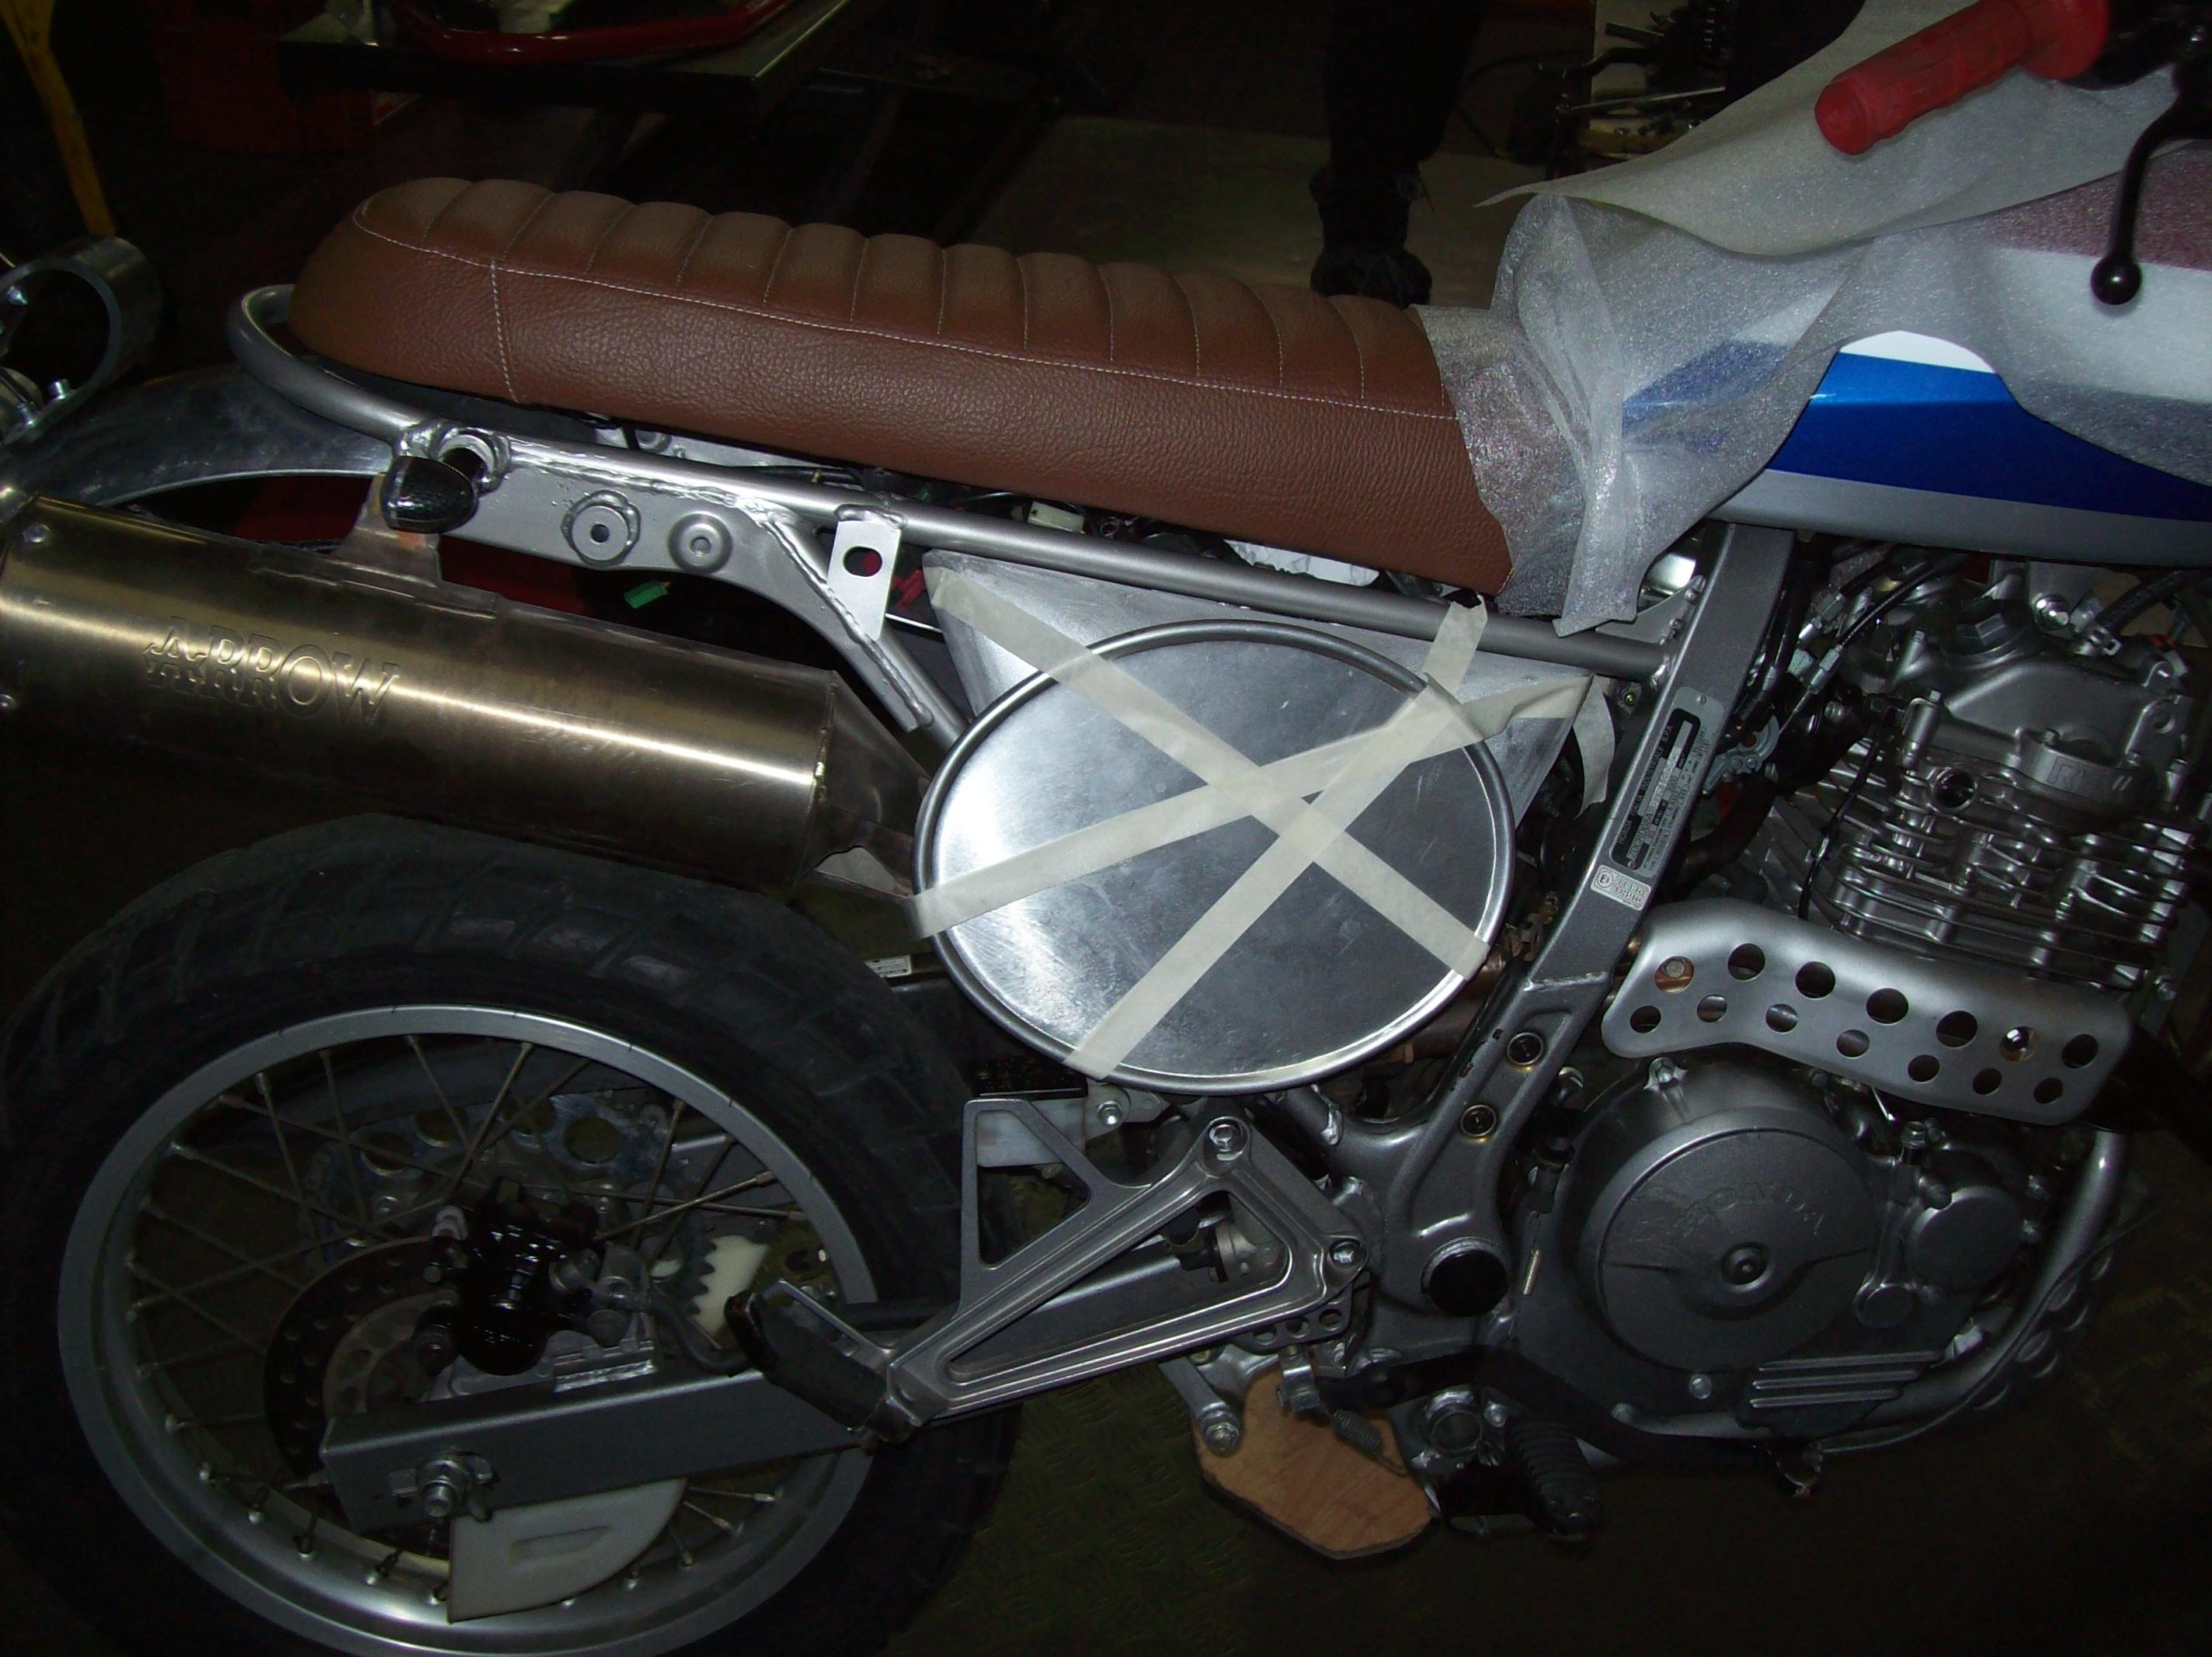 Honda dominator il centauro moto for Moto usate in regalo